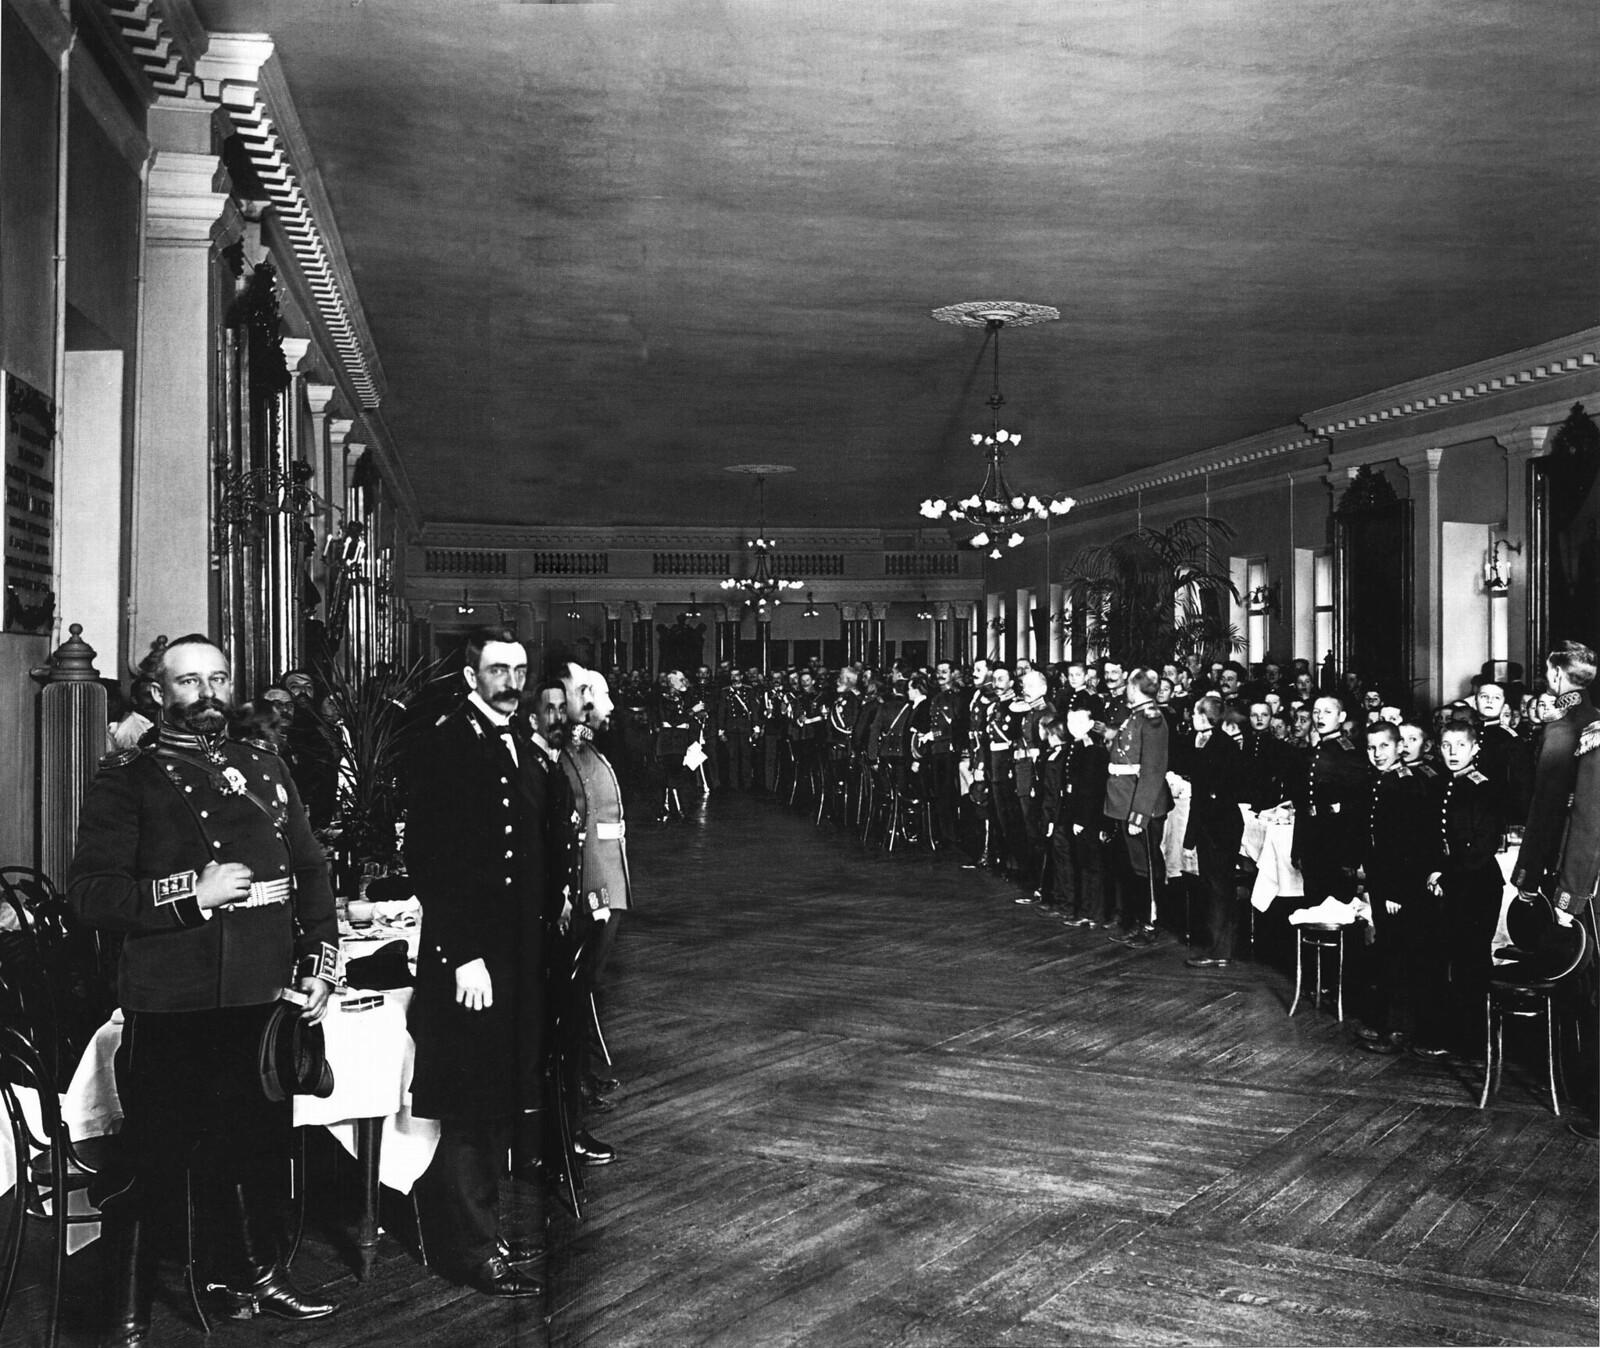 1912. Бывшие питомцы 2-го кадетского корпуса и кадеты на обеде по случаю 200-летнего юбилея